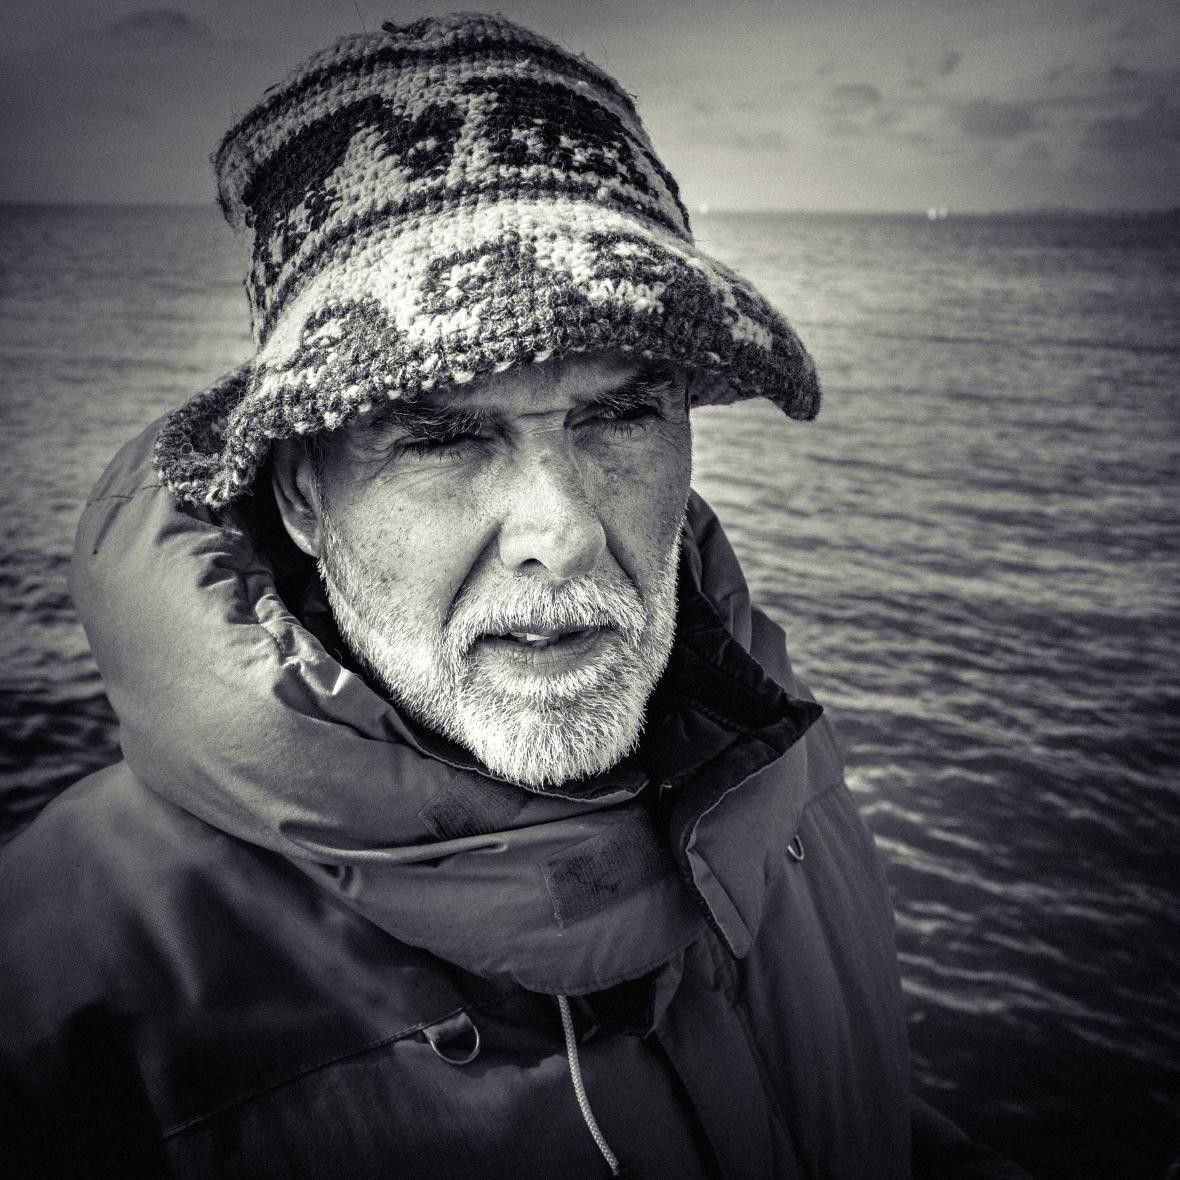 Retrato de Pescador en el Puerto de Olivos, Buenos Aires, Argentina. 2017